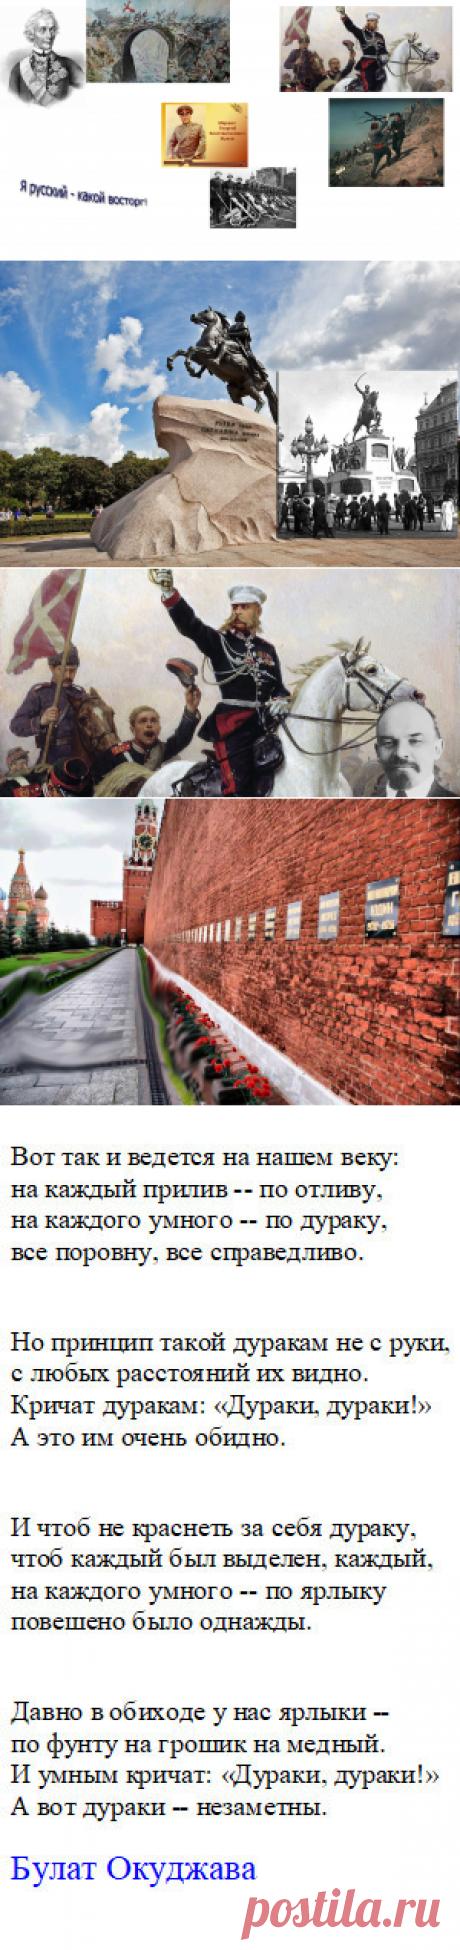 О памяти, памятниках и постановке-сносе | Юрий Аленко | Яндекс Дзен